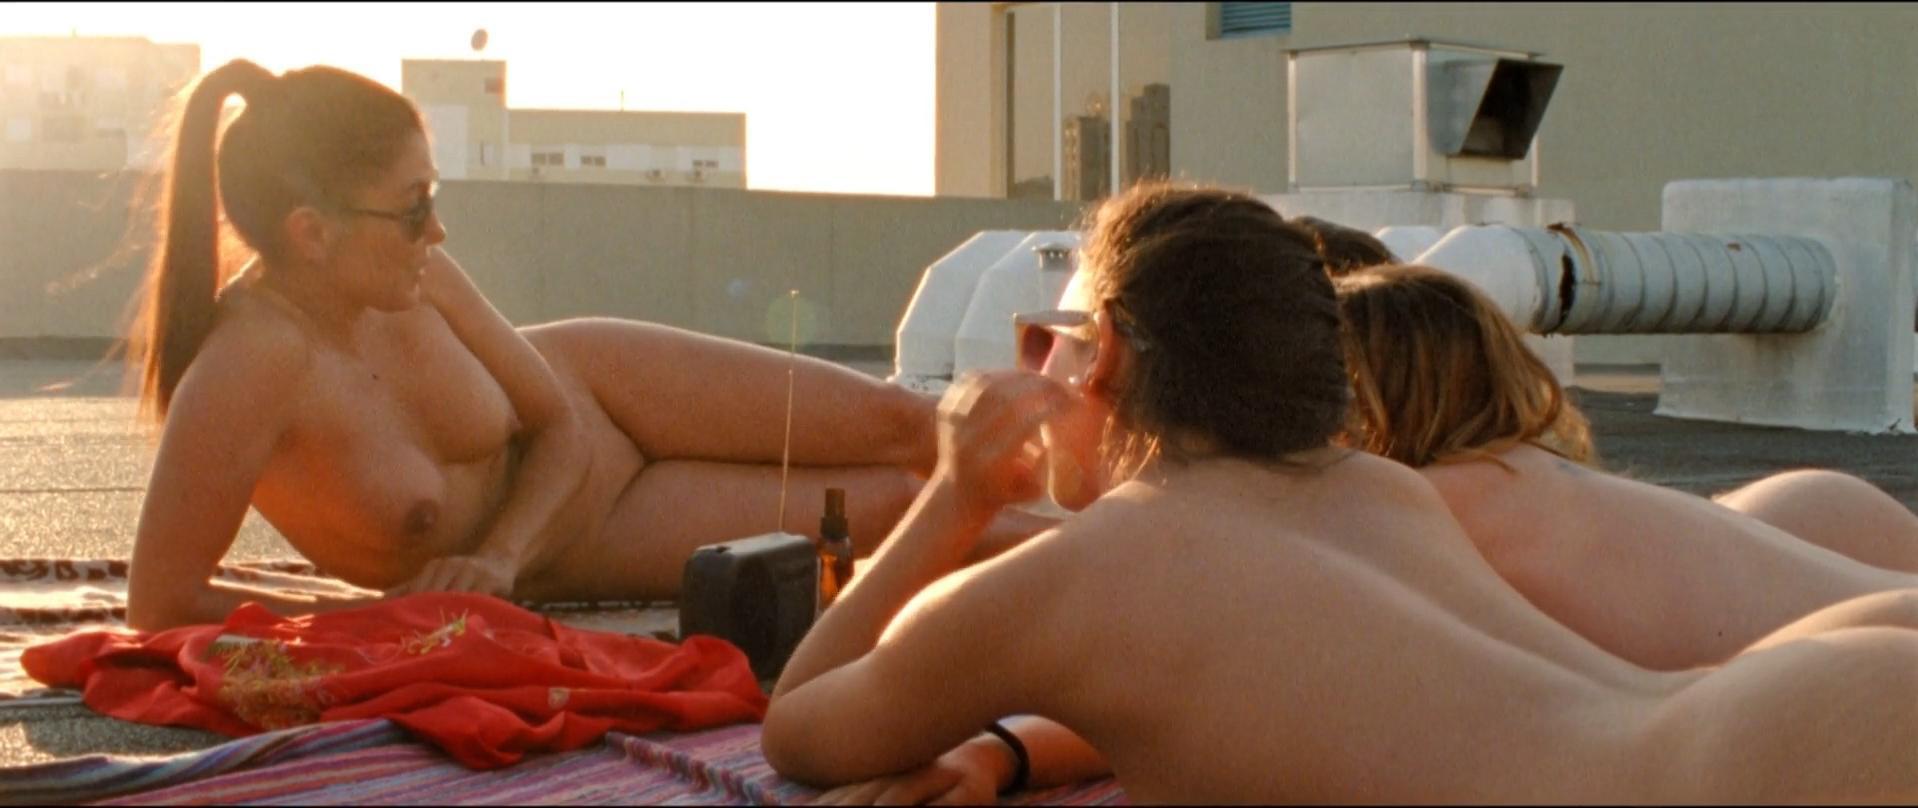 Joana de Verona nude, Sofia Costa Campos nude, Inez Gafaniz nude - As Mil e Uma Noites Volume 2 O Desolado (2015)